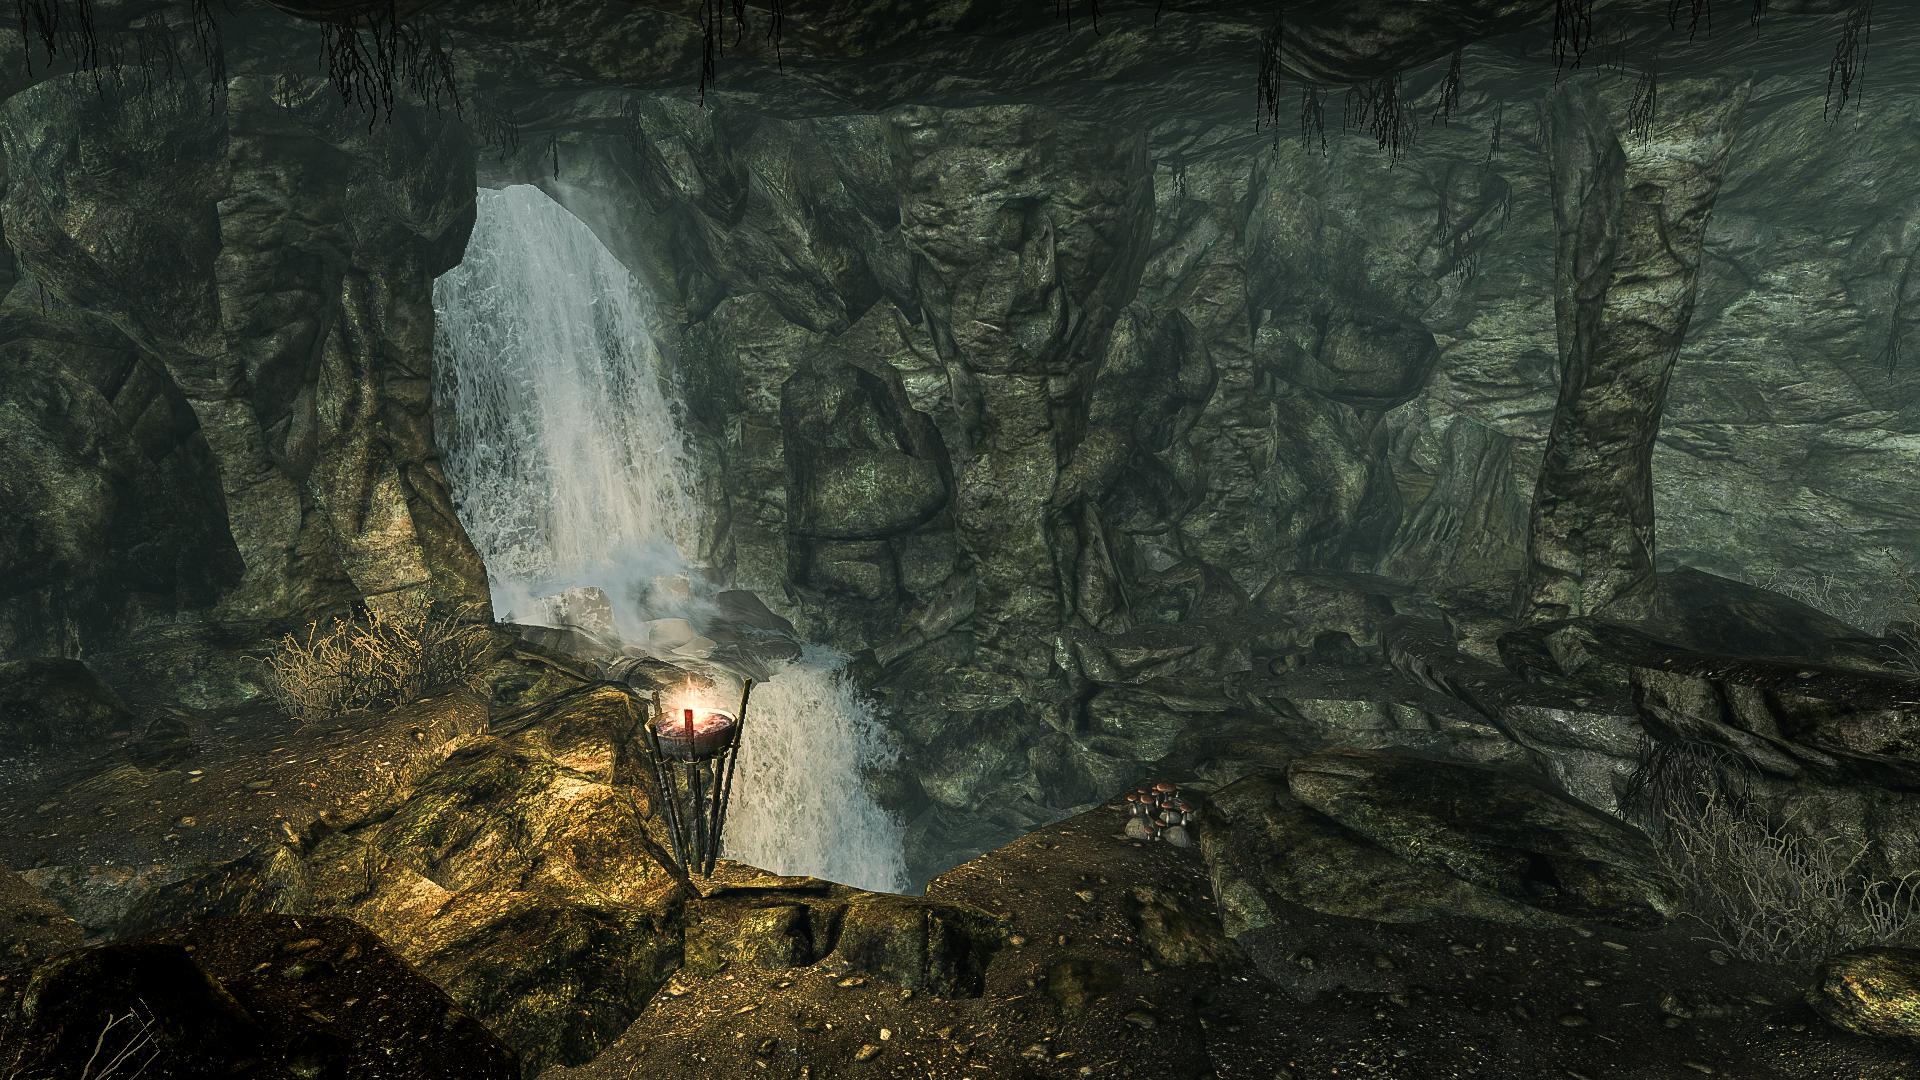 Водопад Смертельный Прыжок